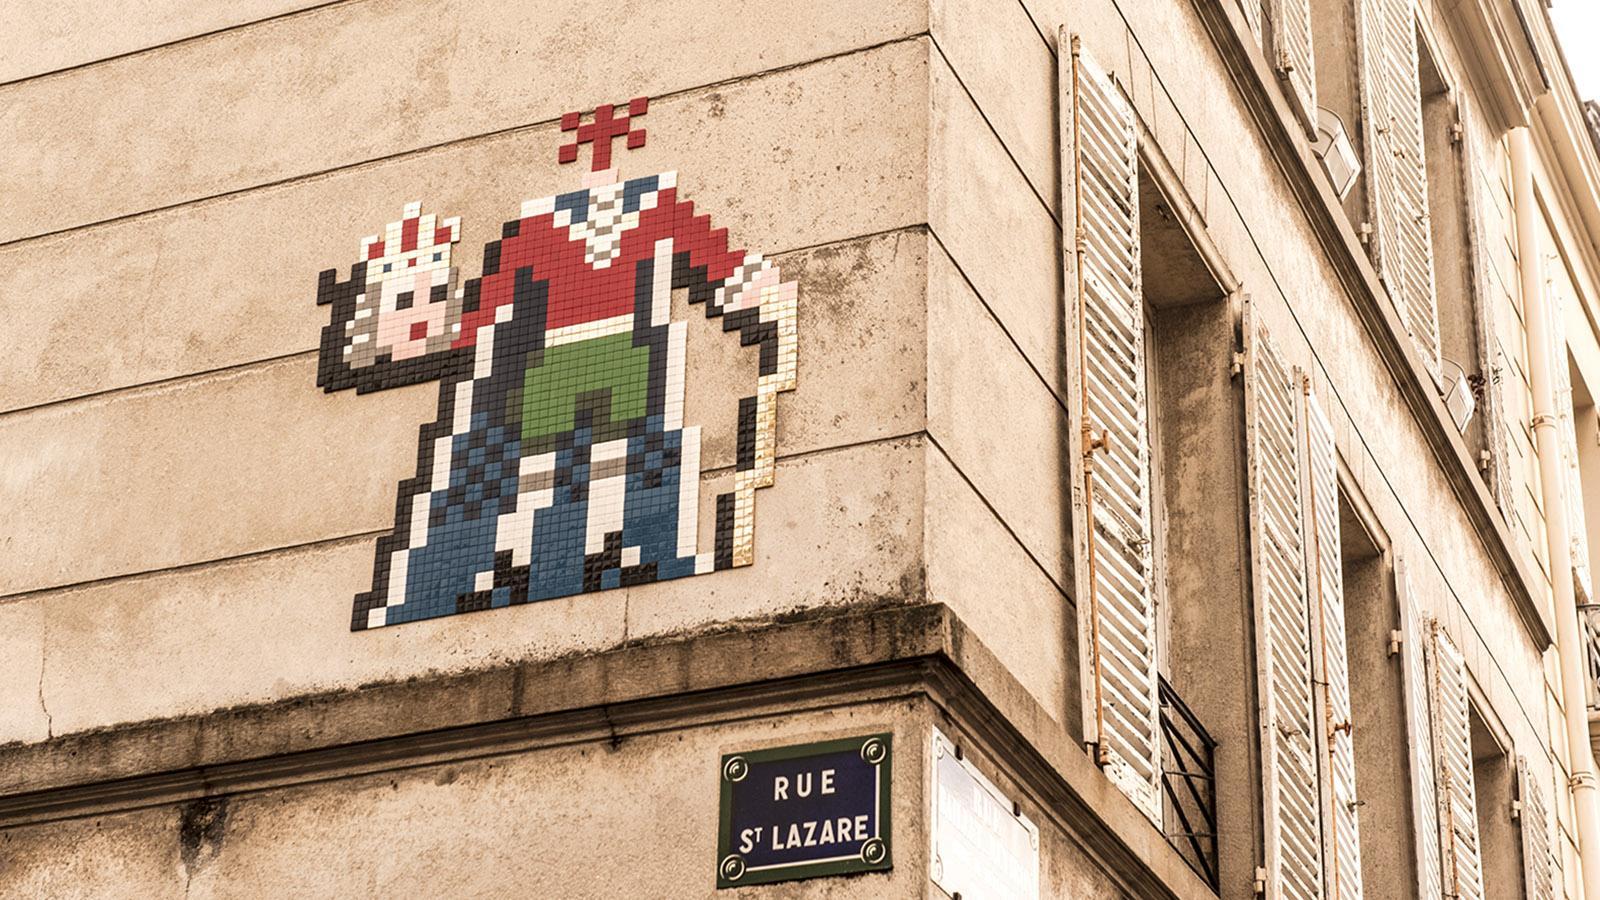 Der enthauptete König: Die Street Art von Versailles beweist Geschichtssinn. Foto: Hilke Maunder